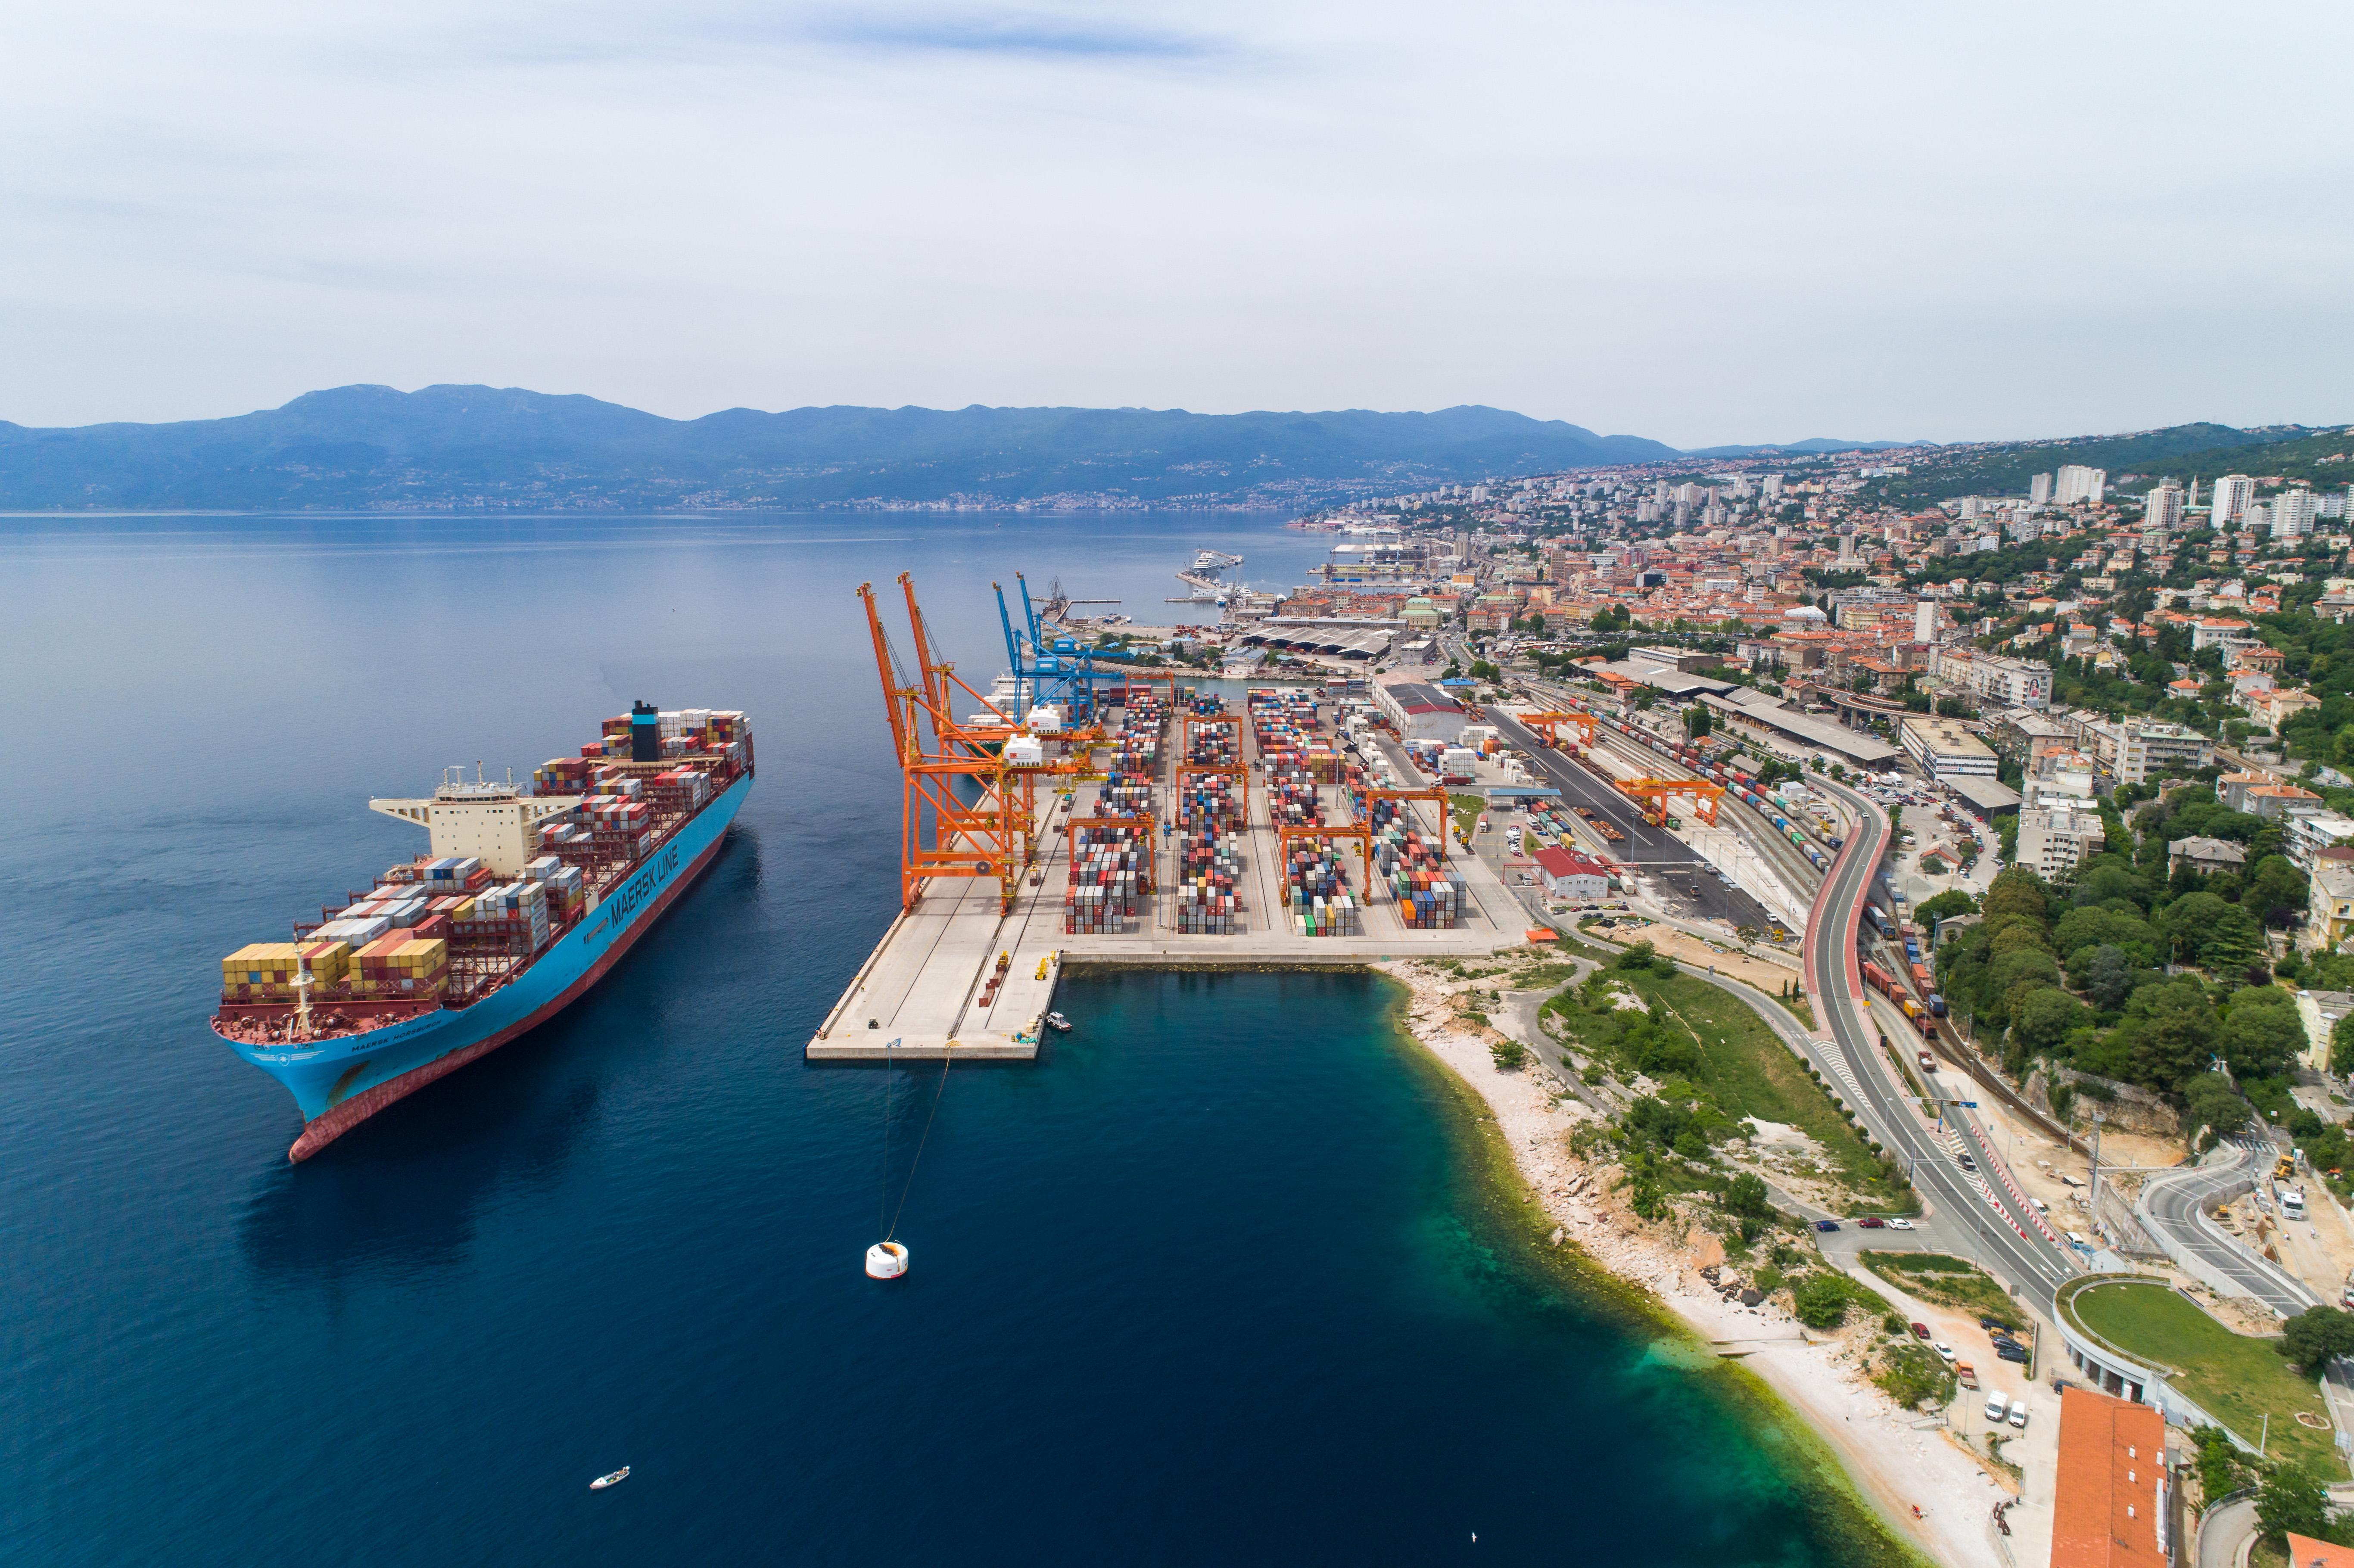 Razvoj multimodalne platforme u luci Rijeka i povezivanje s kontejnerskim terminalom Jadranska vrata (POR2CORE-AGCT)